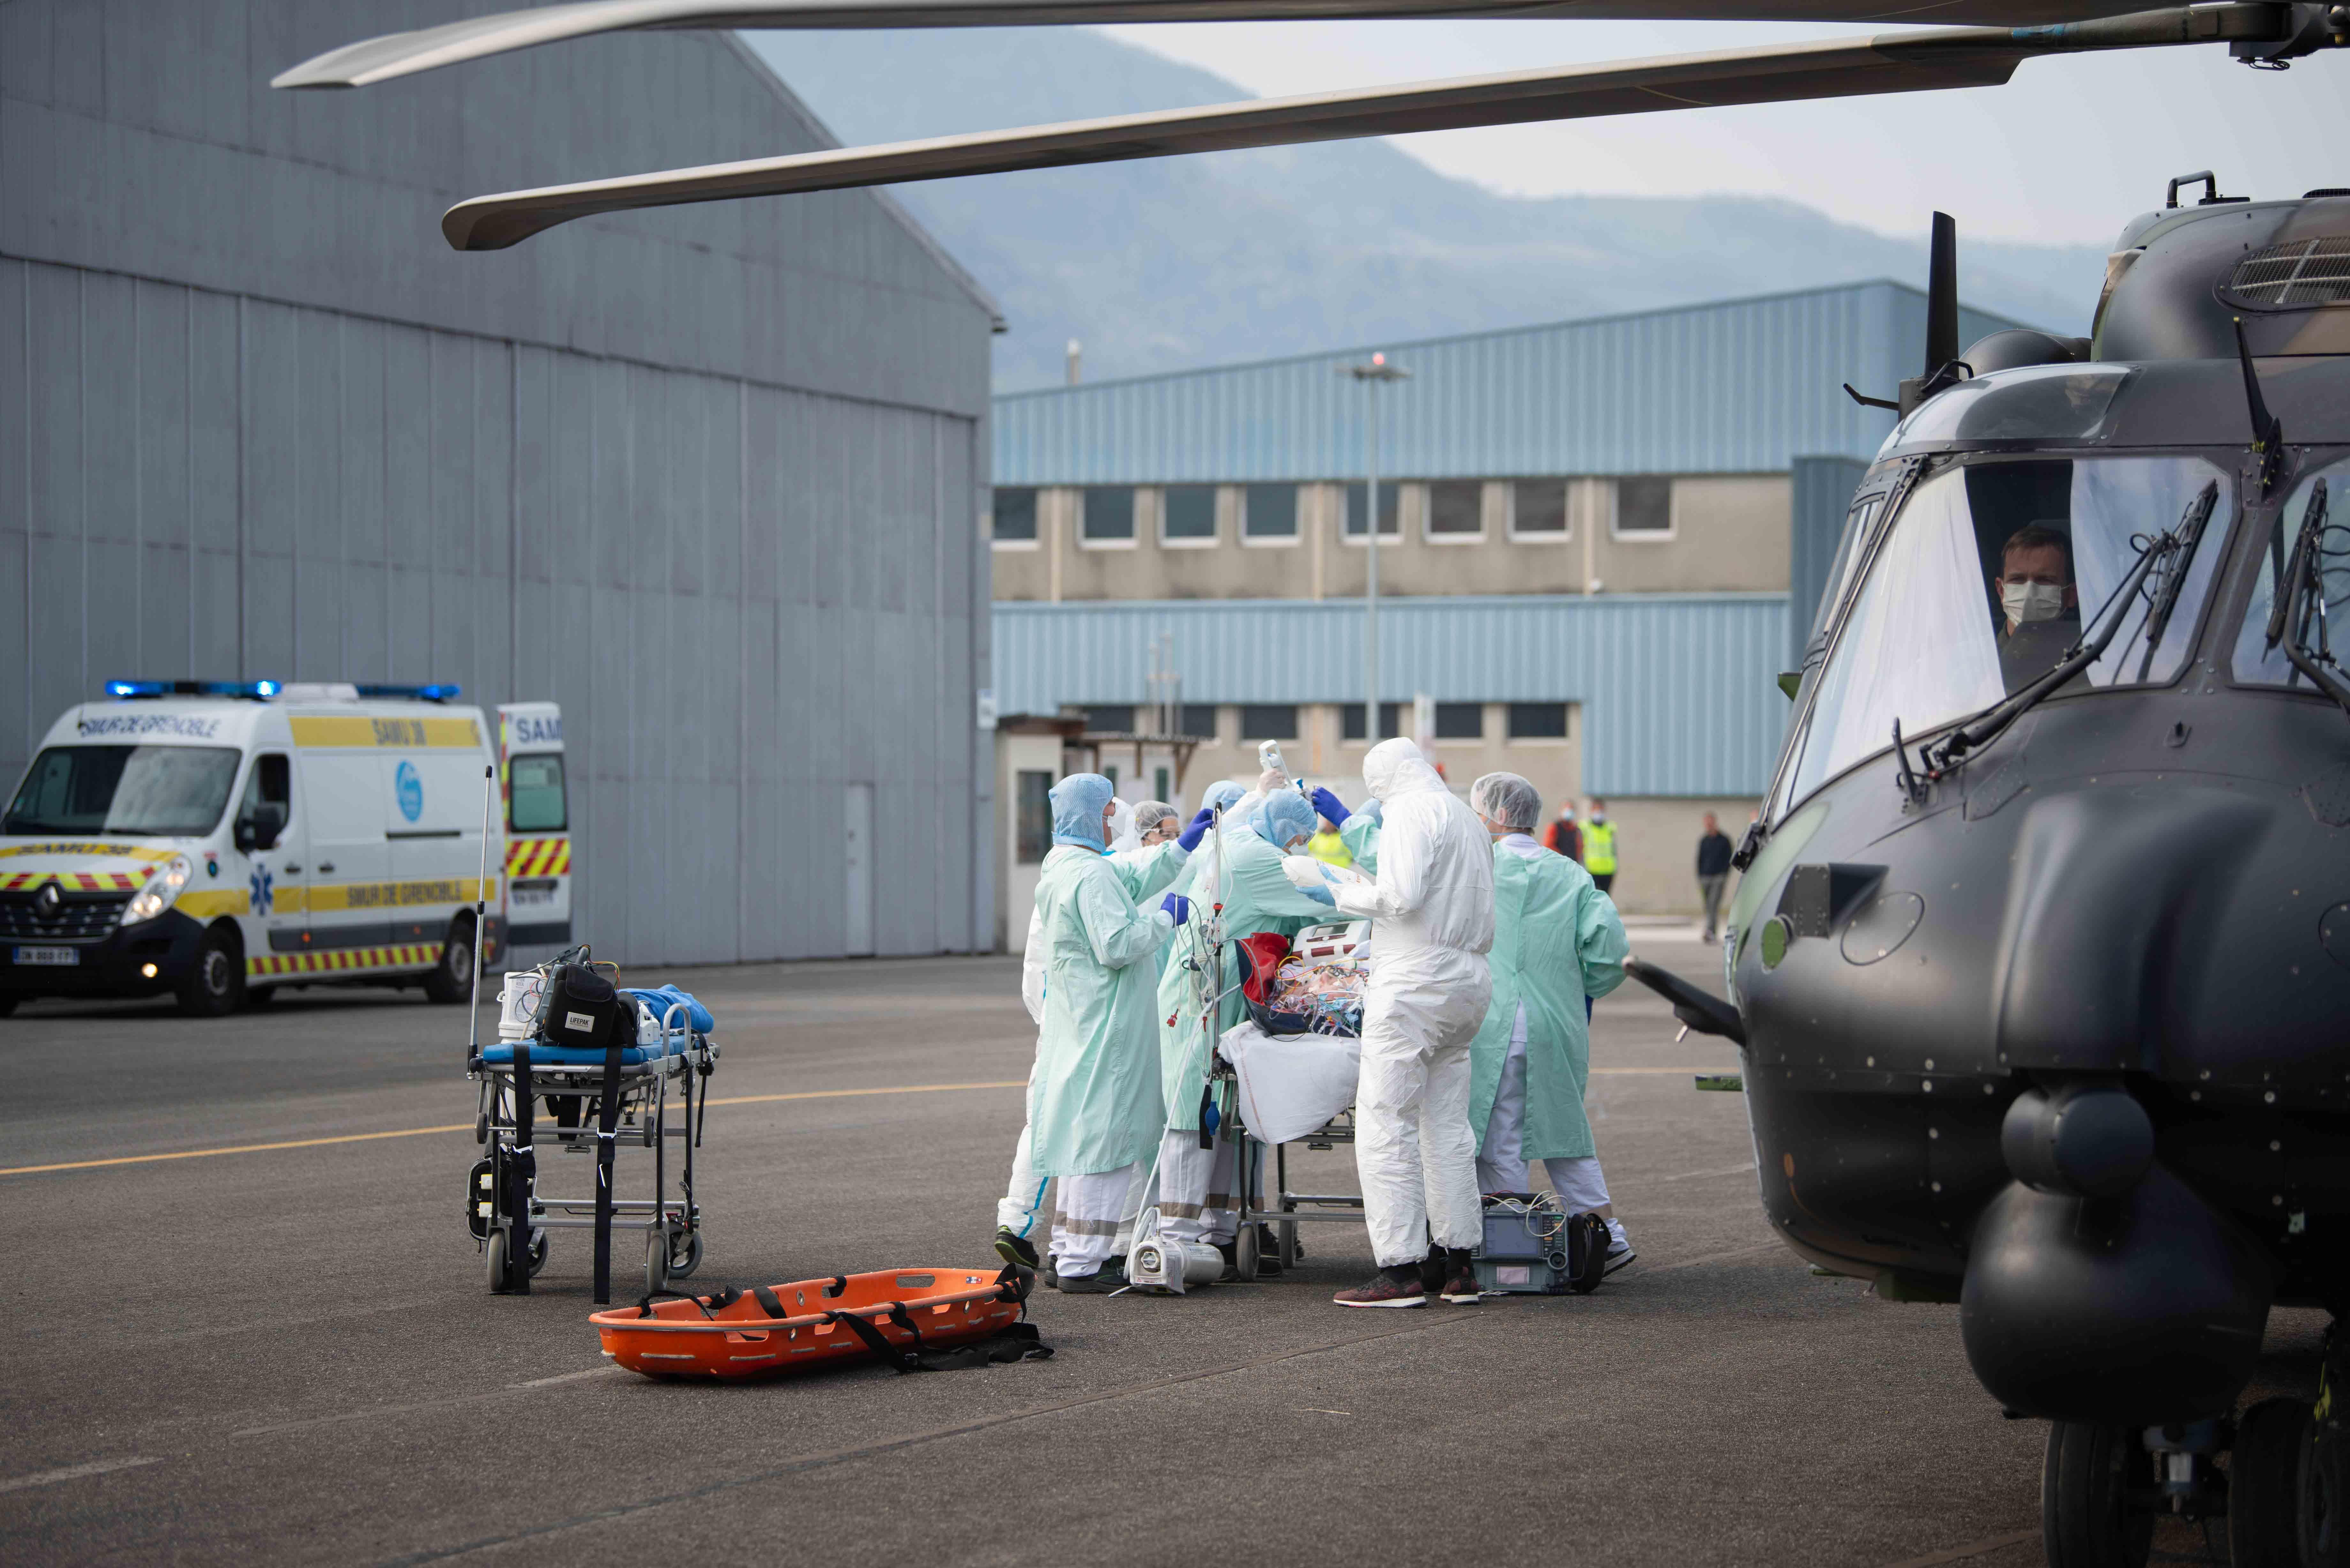 Opération résilience, l'armée sur le front sanitaire